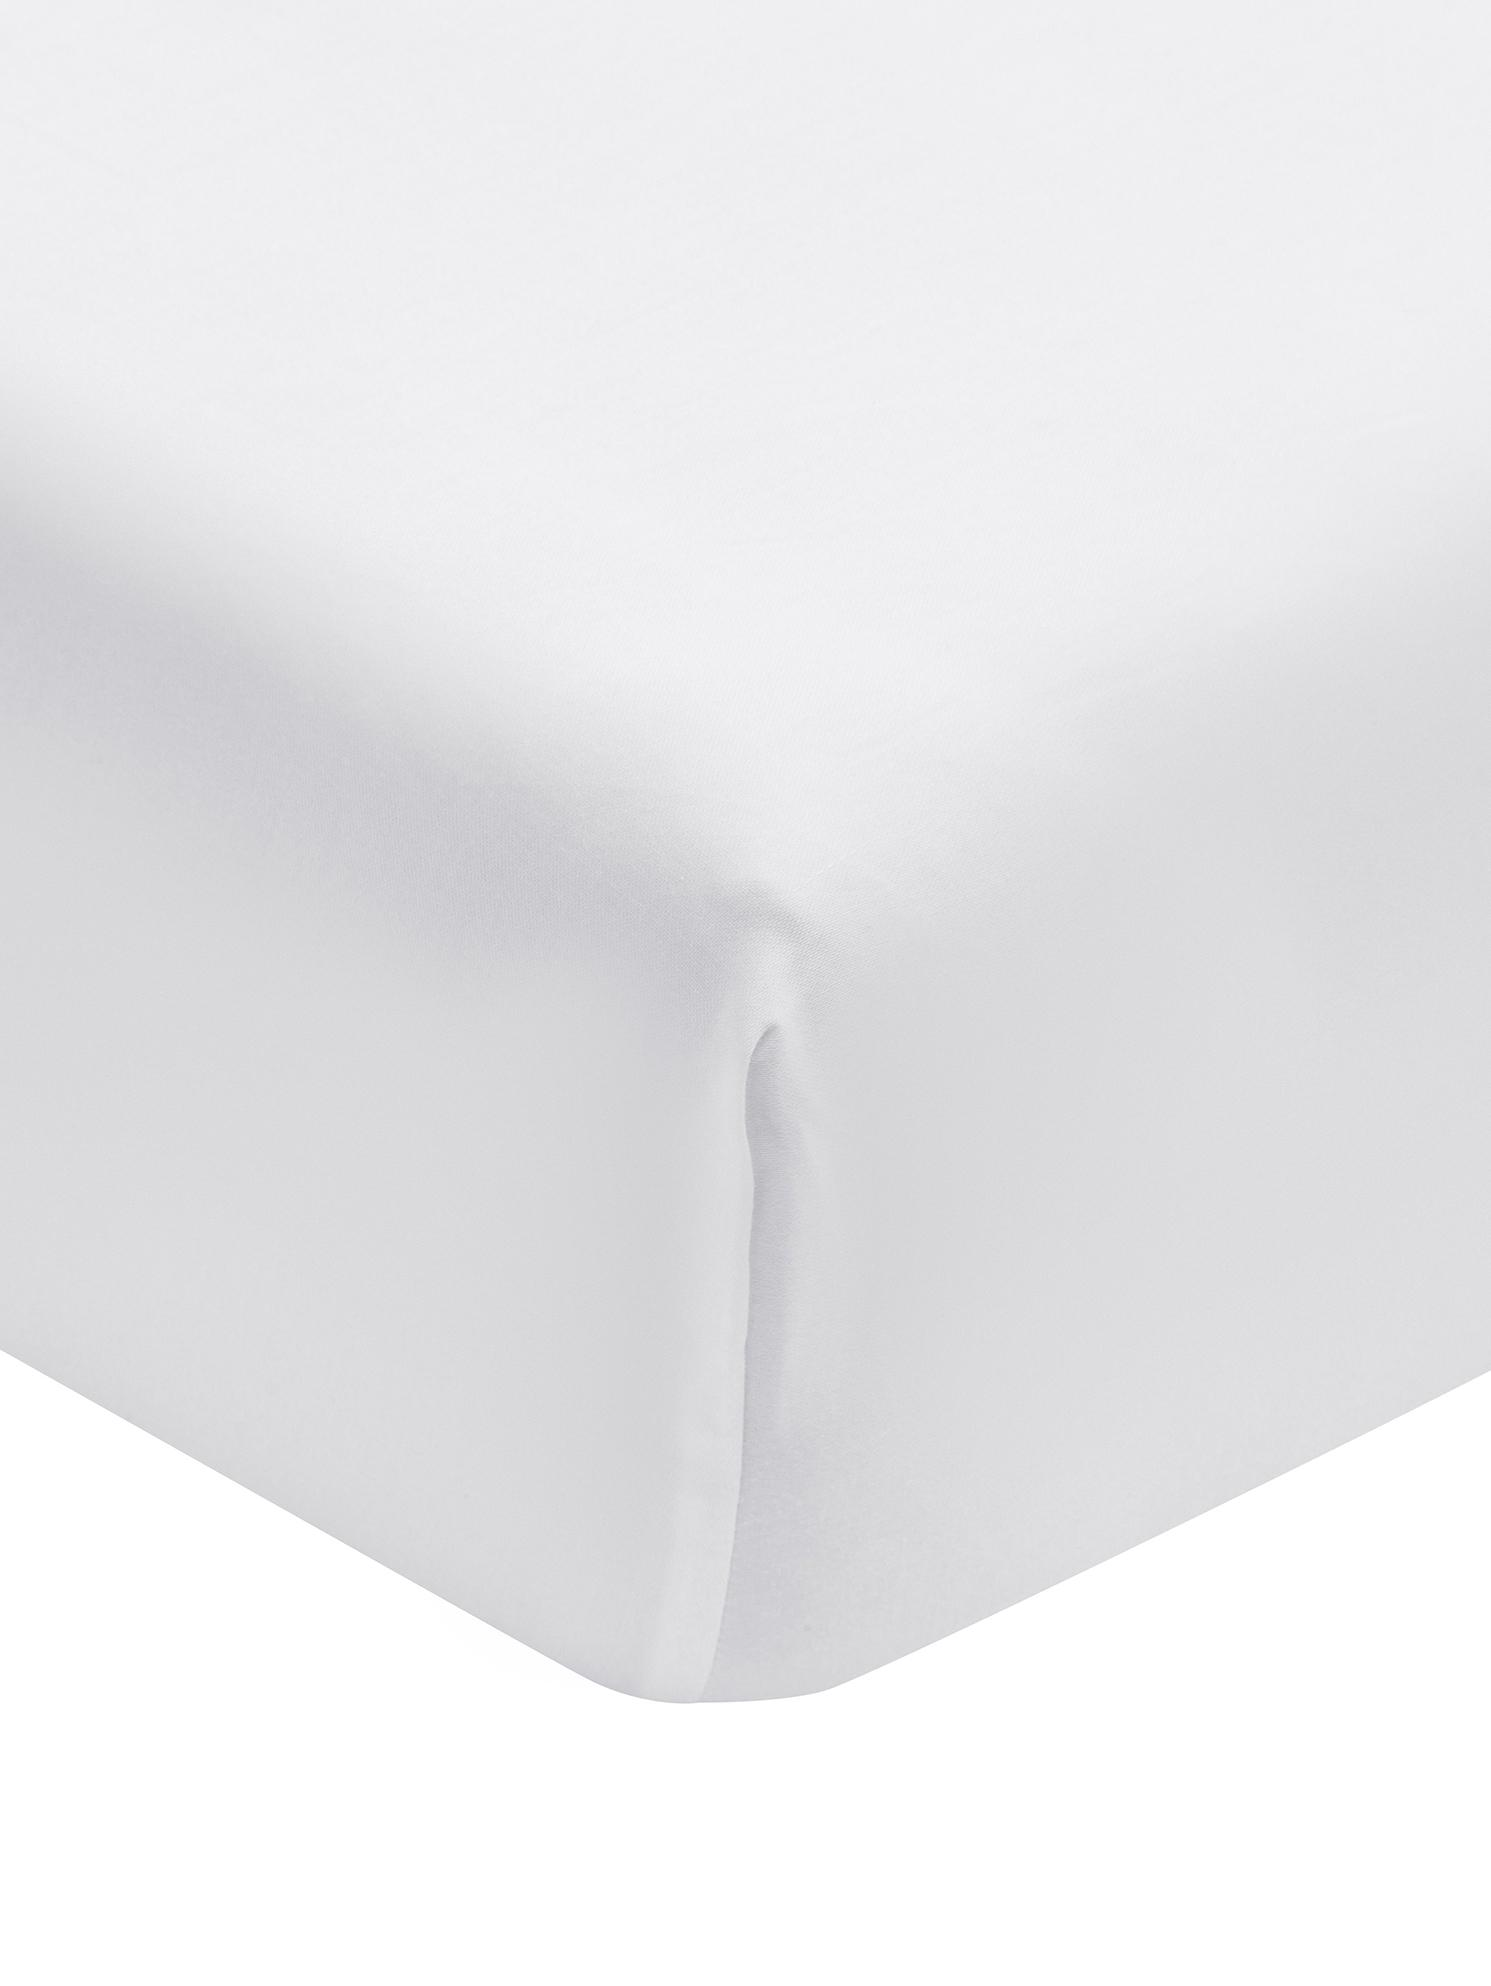 Spannbettlaken Premium in Weiß, Baumwollsatin, Webart: Satin, leicht glänzend, Weiß, 140 x 200 cm